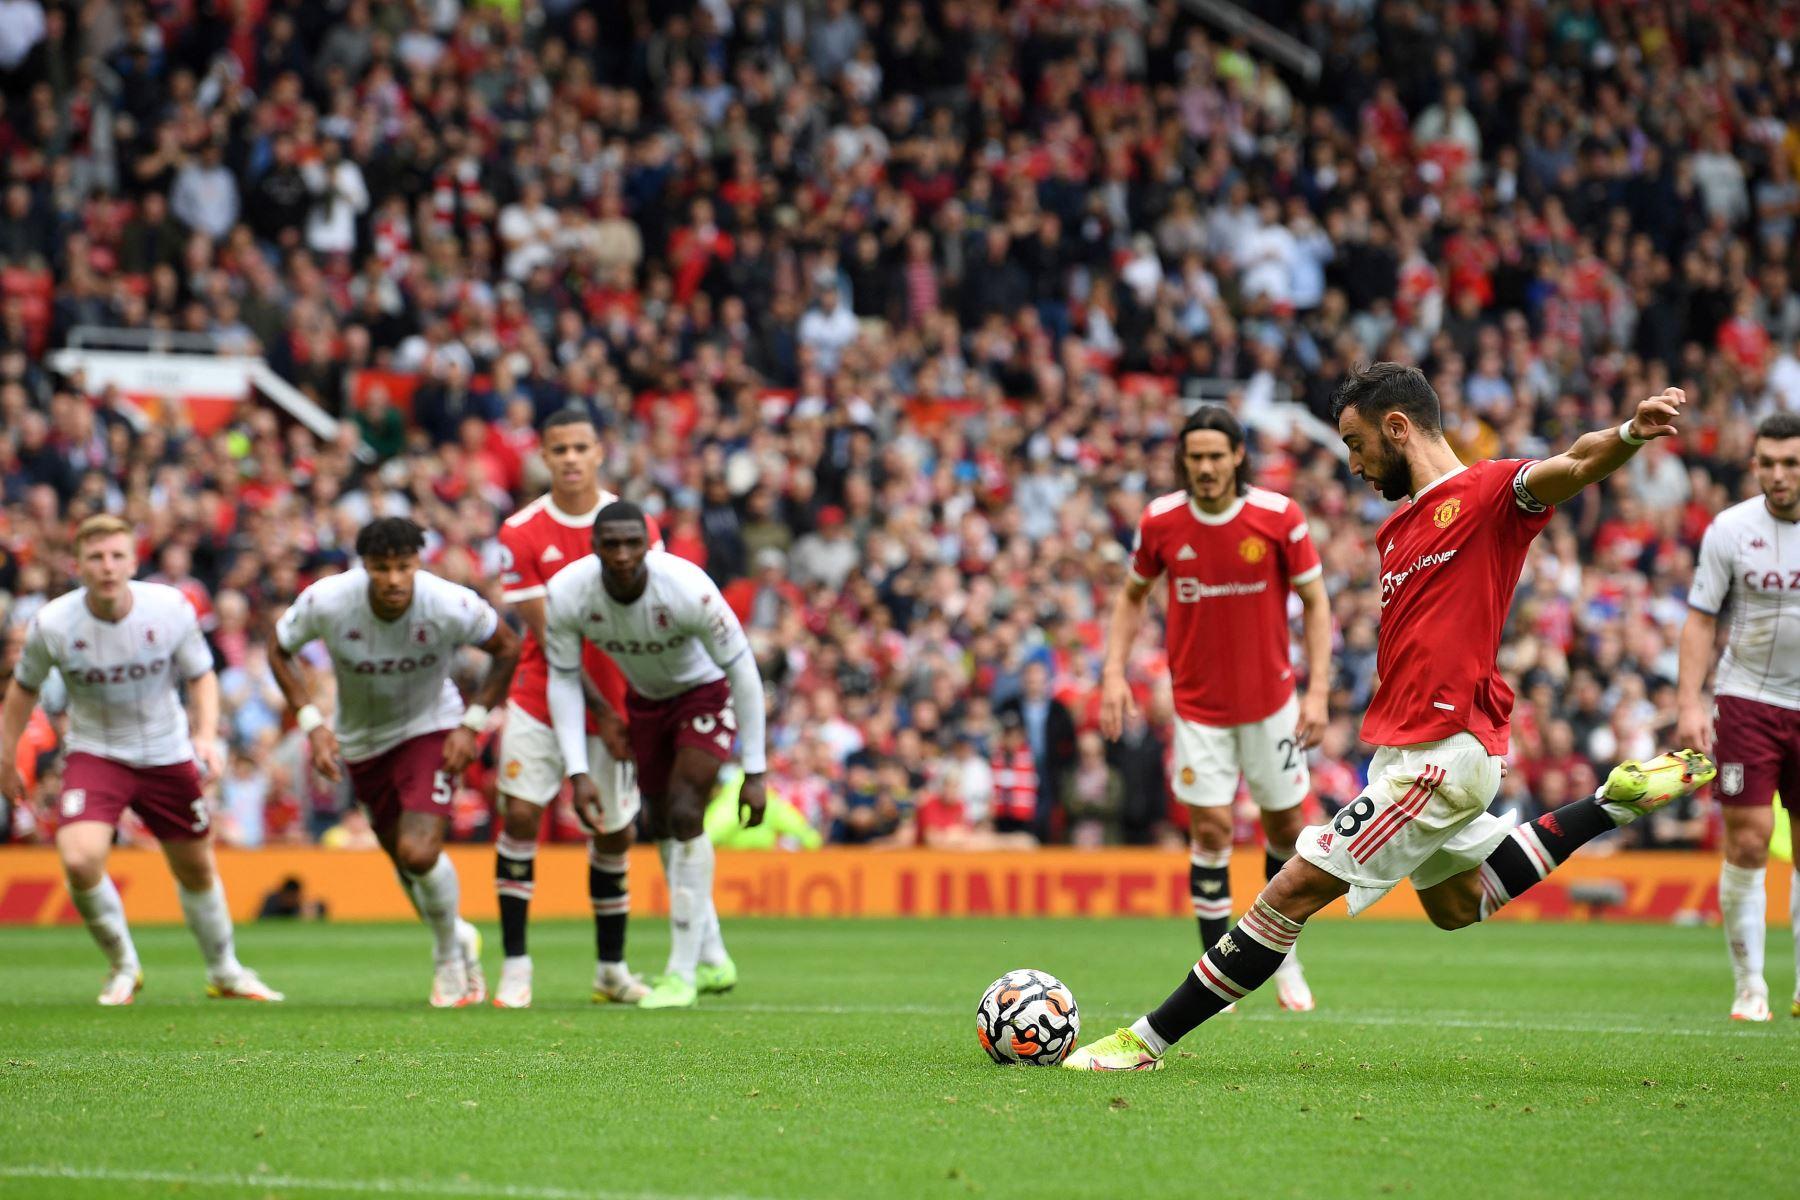 El centrocampista portugués del Manchester United, Bruno Fernandes, dispara desde el punto de penalti pero no logra anotar durante el partido de fútbol de la Premier League inglesa entre el Manchester United y el Aston Villa. Foto: AFP